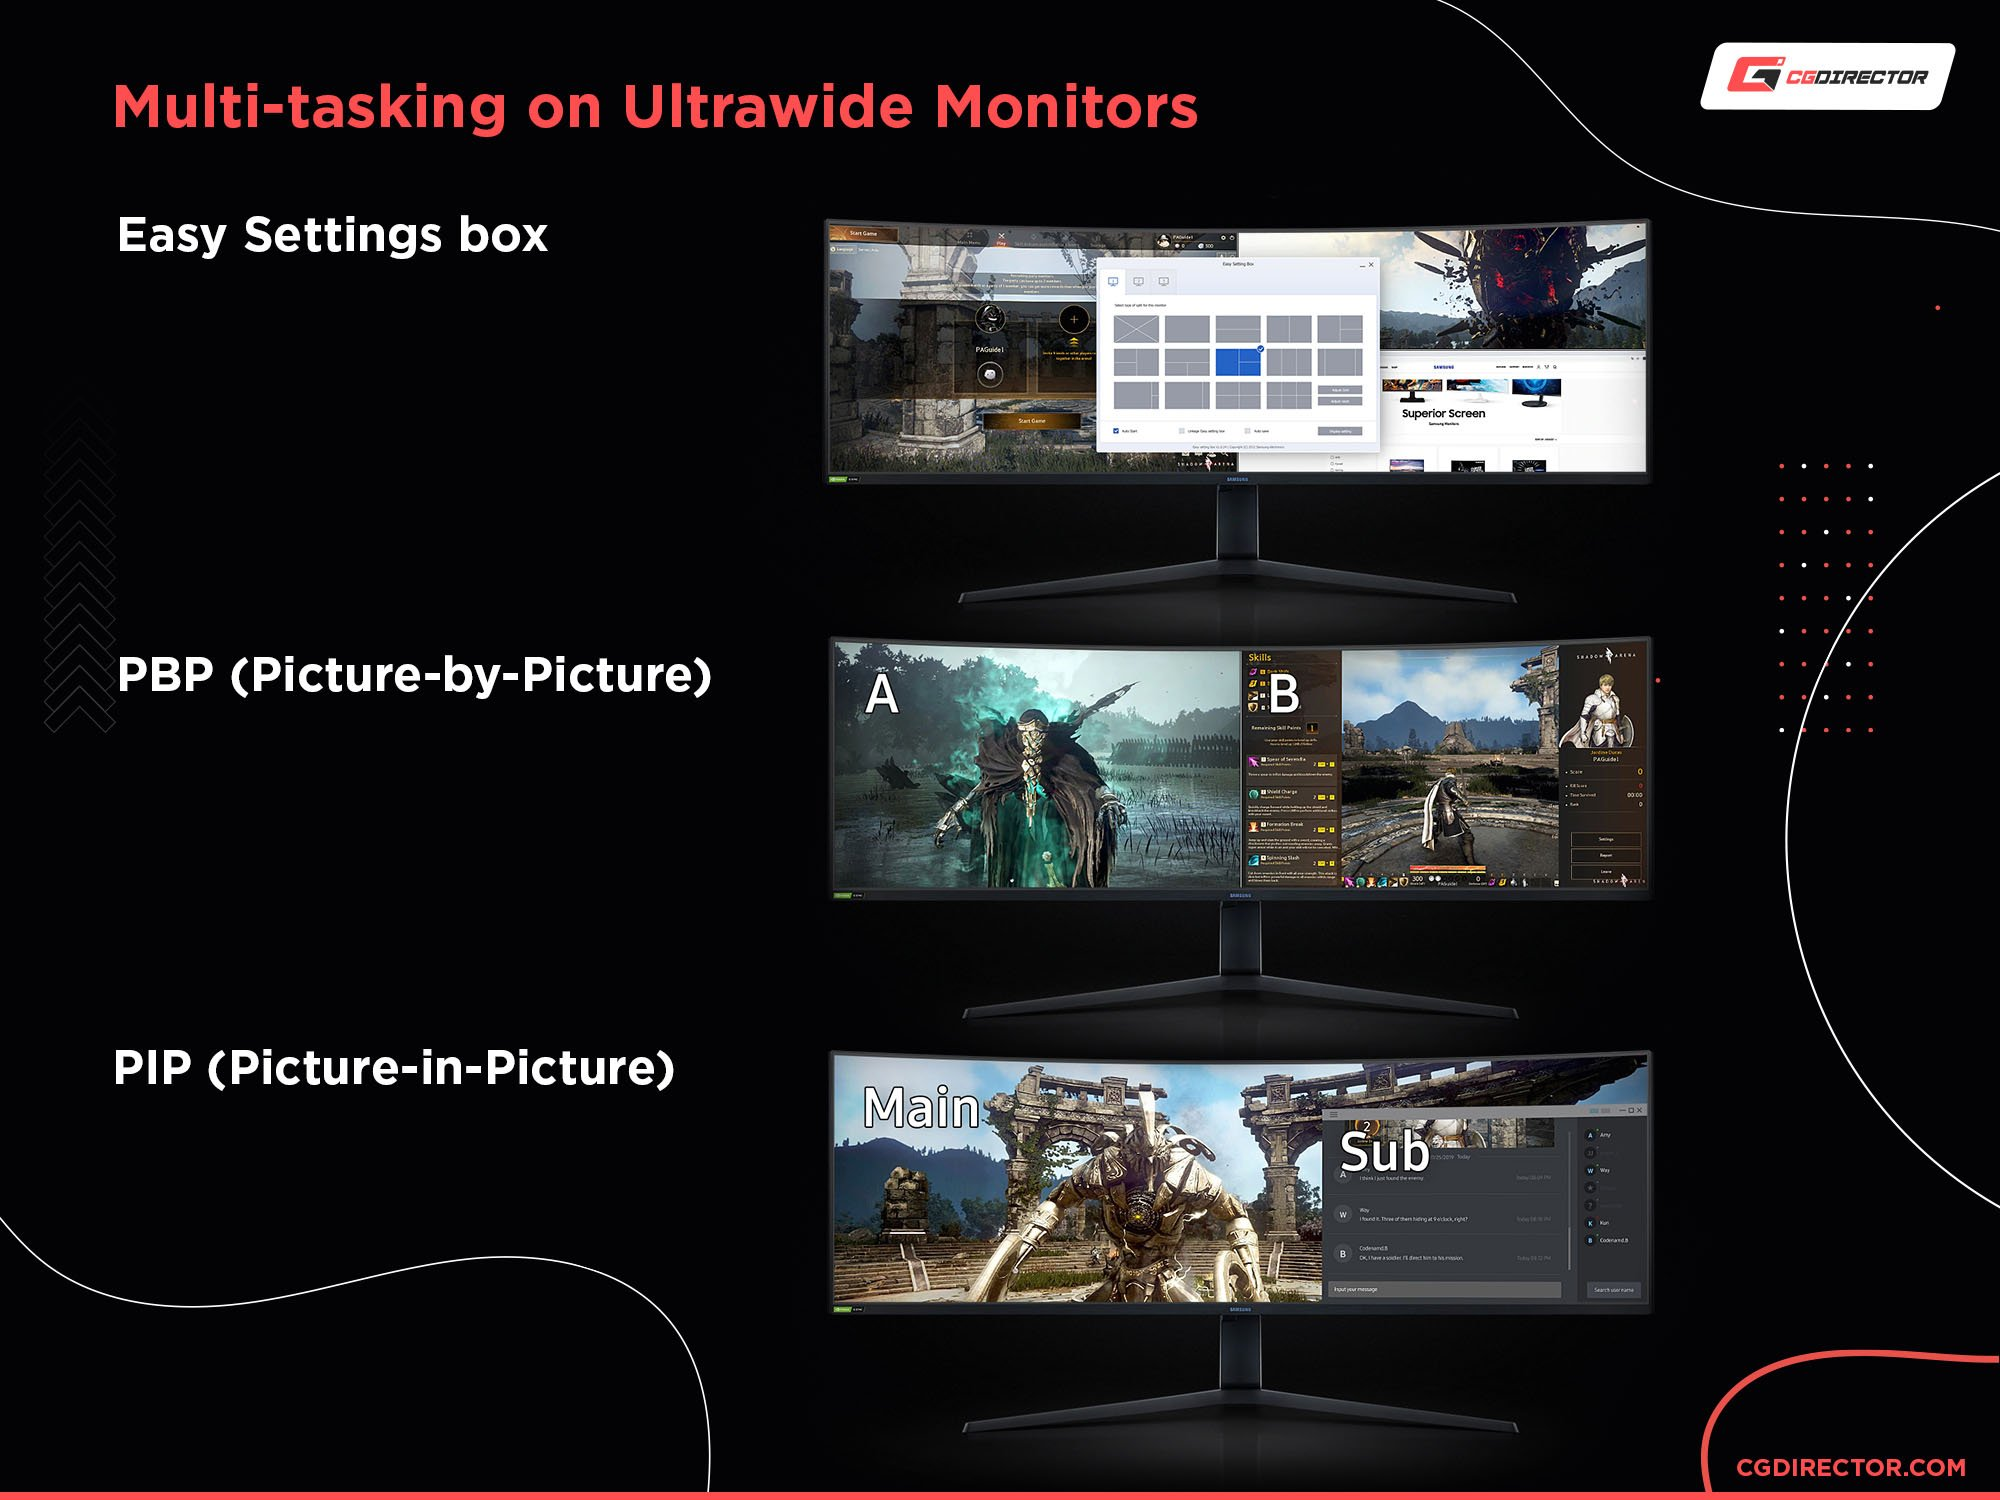 Multi-tasking on ultrawide monitors